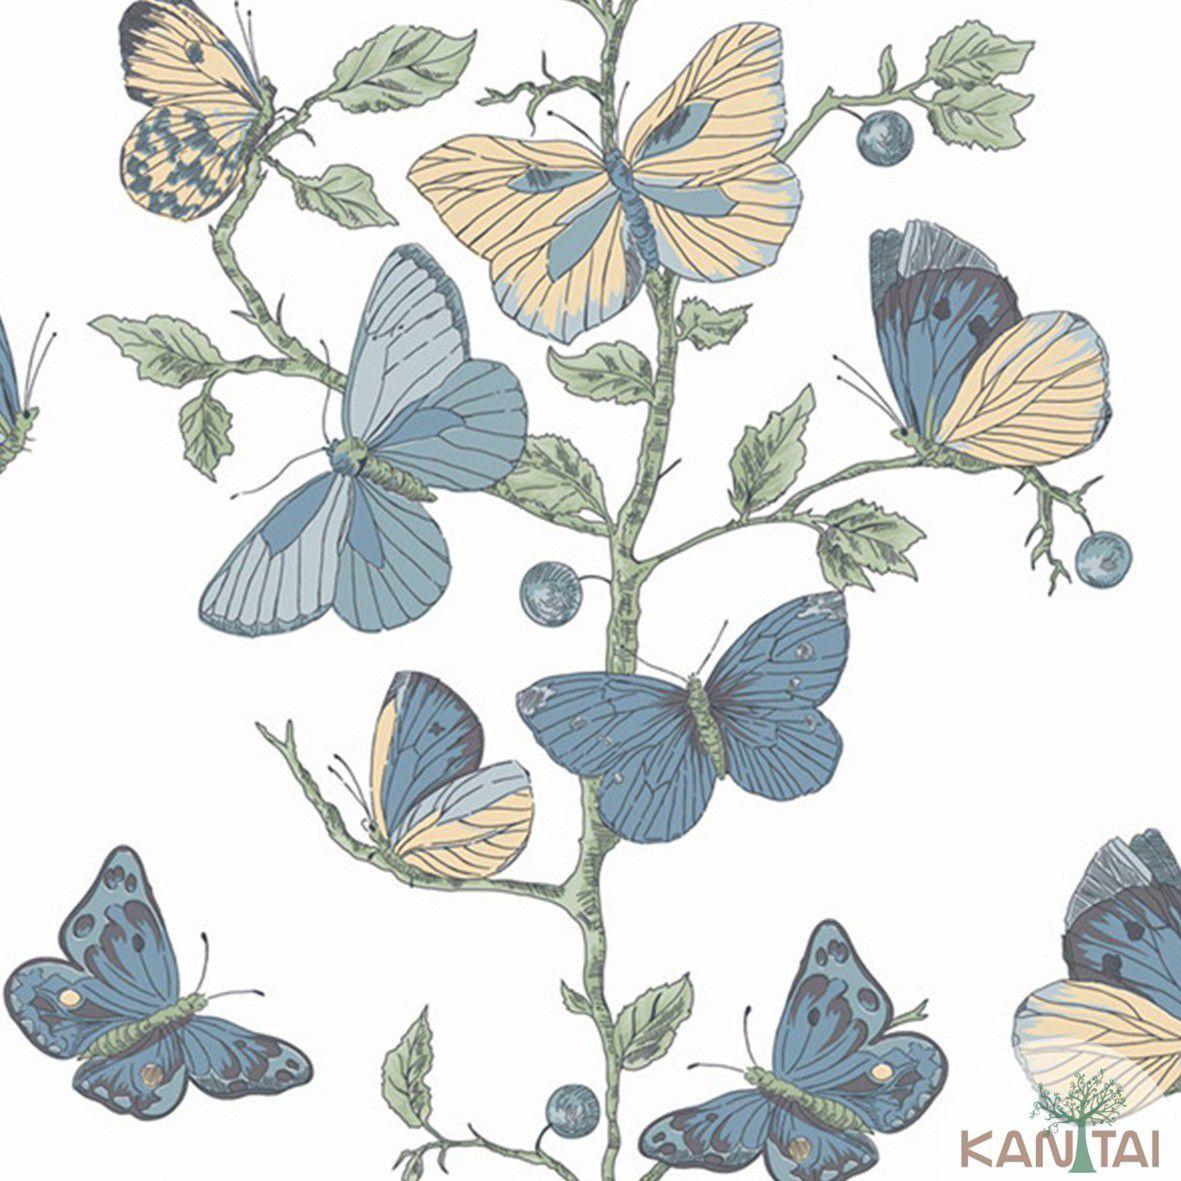 Papel de Parede   Kan Tai Vinilico Coleção Style Borboletas Marfim, Verde, Azul, Amarelo